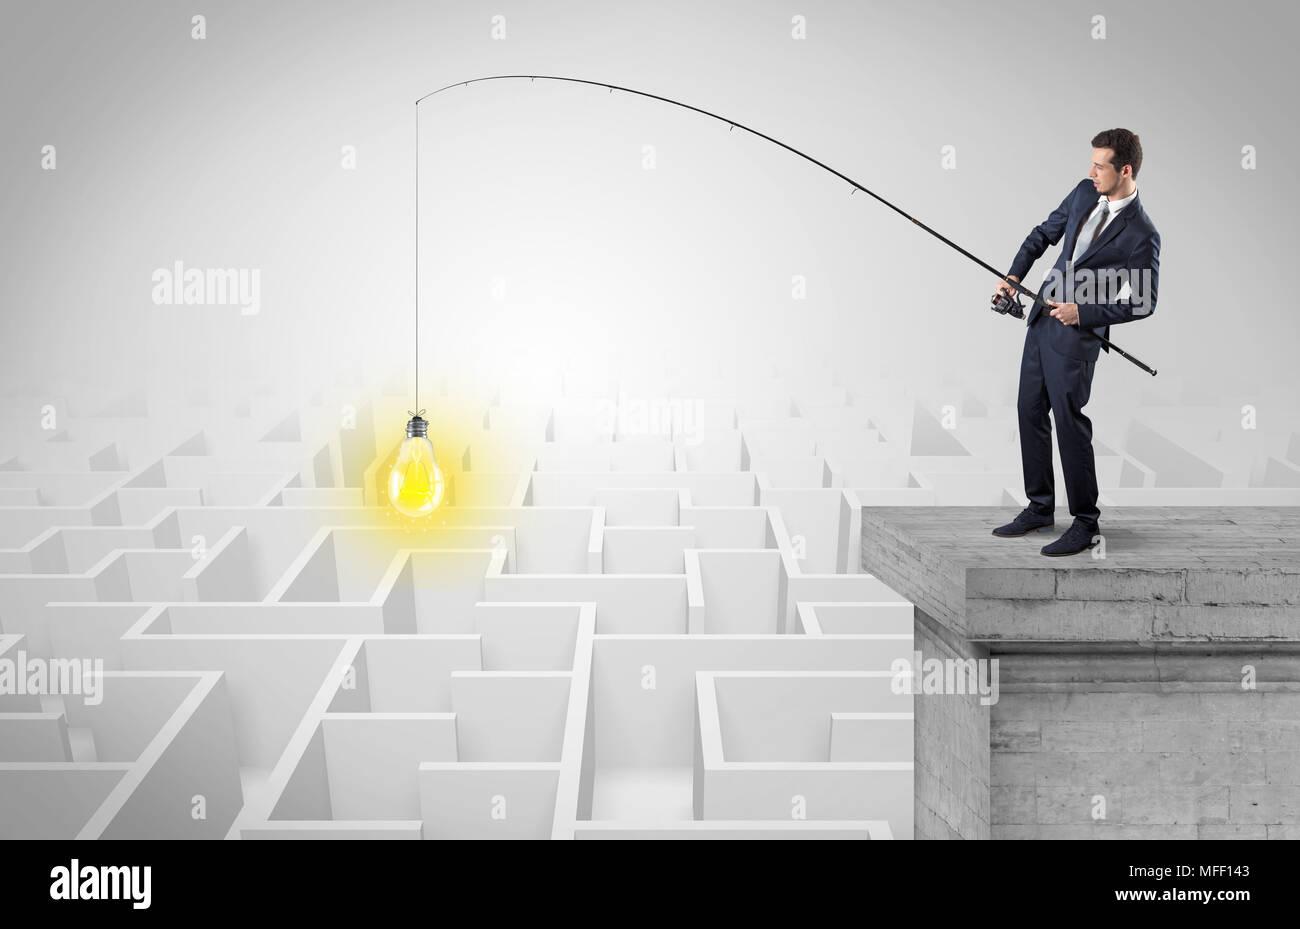 Giovane imprenditore la pesca nuova idea concetto sulla parte superiore di un edificio da un labirinto Immagini Stock